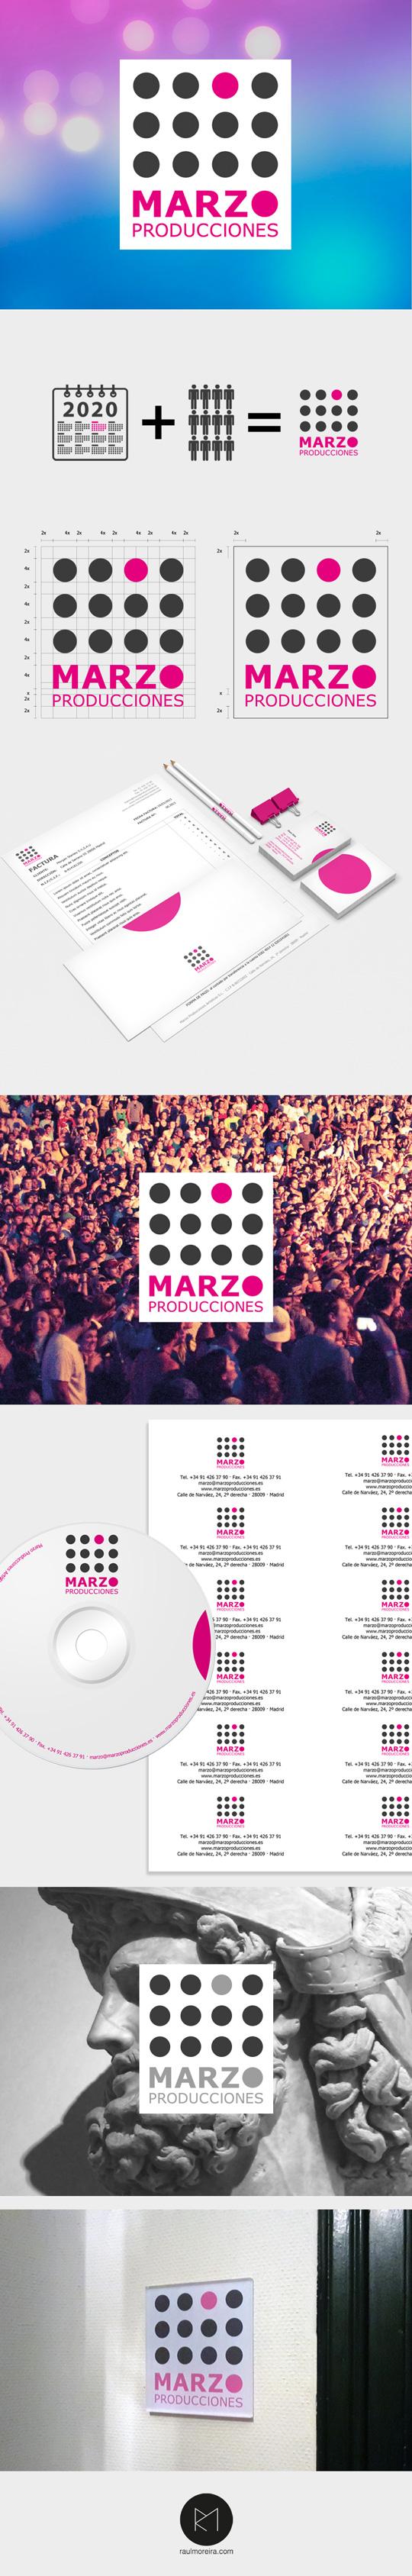 Marzo Producciones - eventos